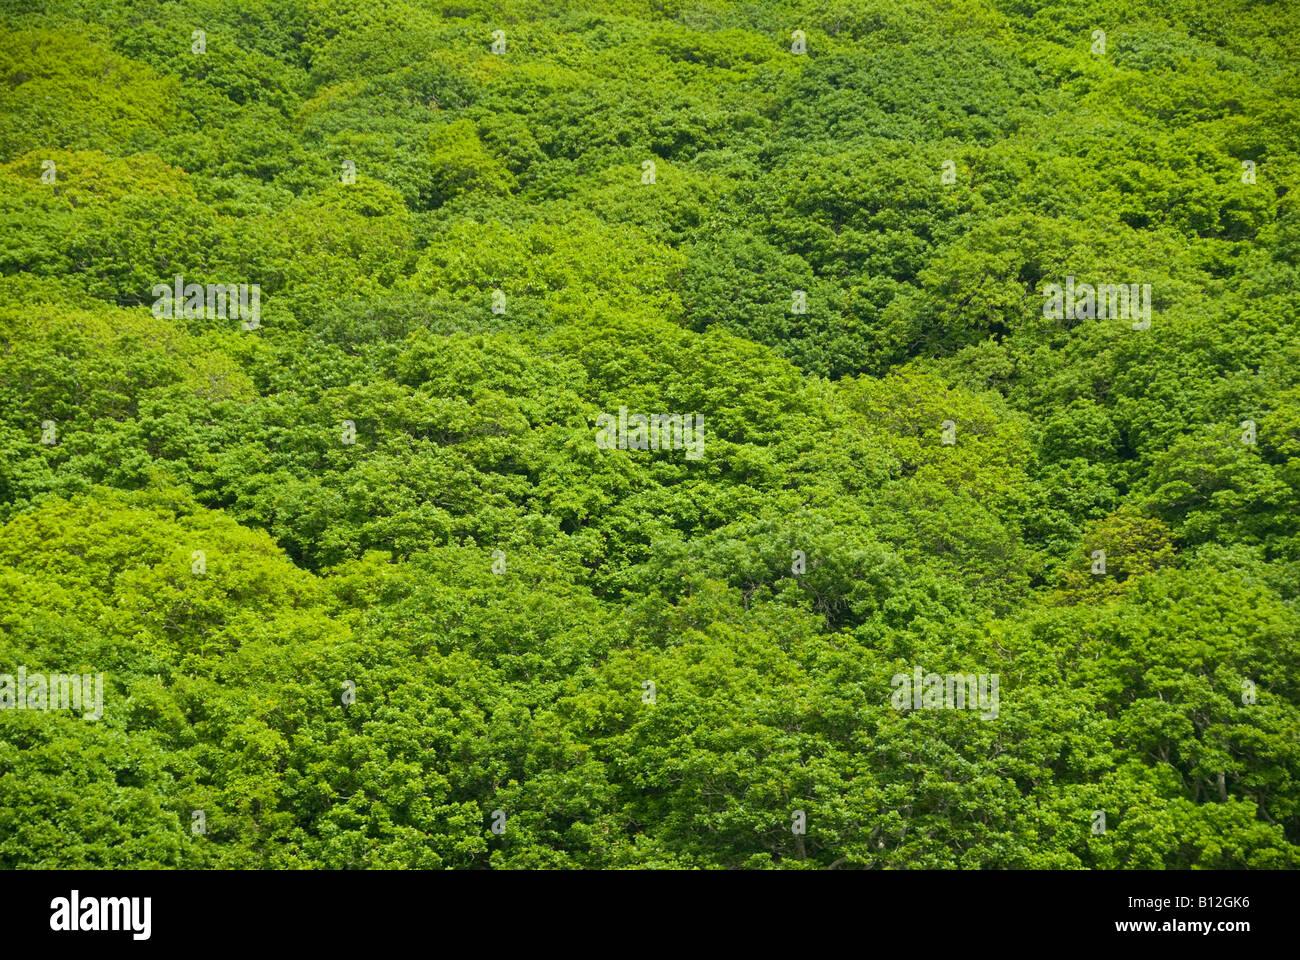 Albero verde baldacchino di alberi di quercia in Gran Bretagna Immagini Stock